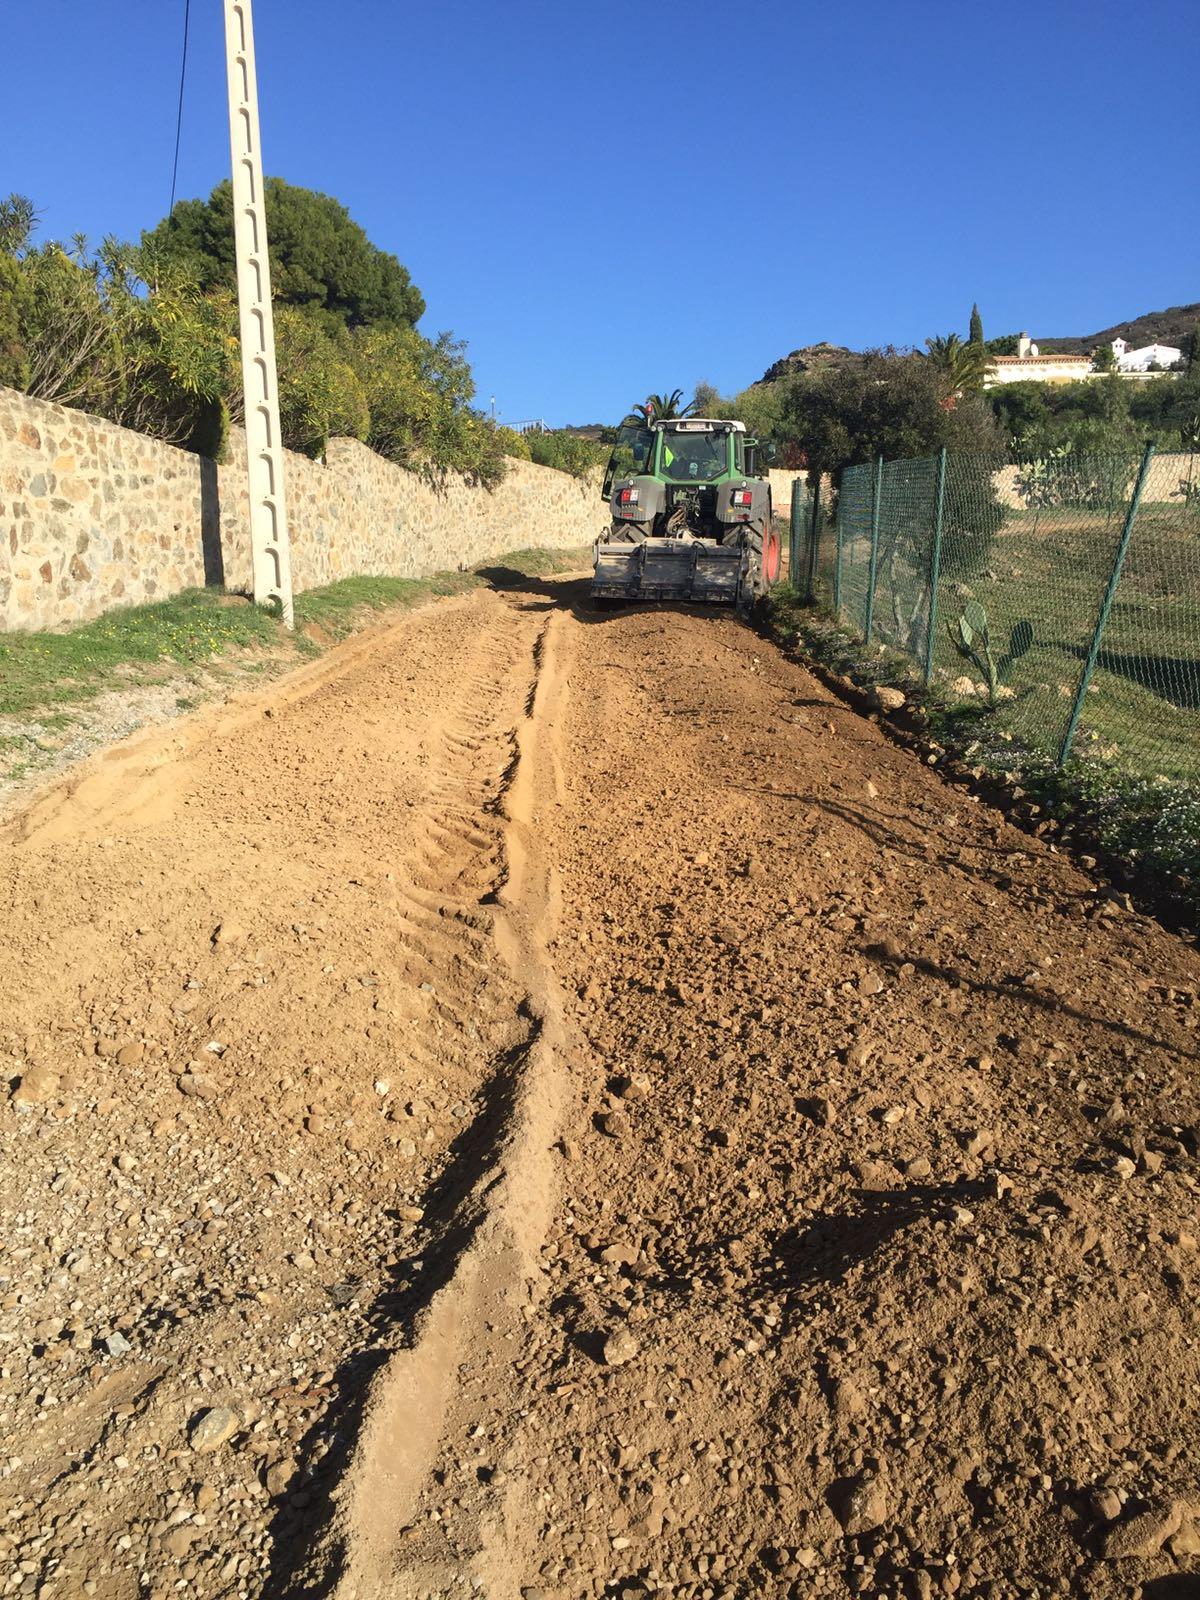 Consolidació del camí forestal entre l'Almadrava i Falconera per millorar-ne l'accessibilitat i seguretat